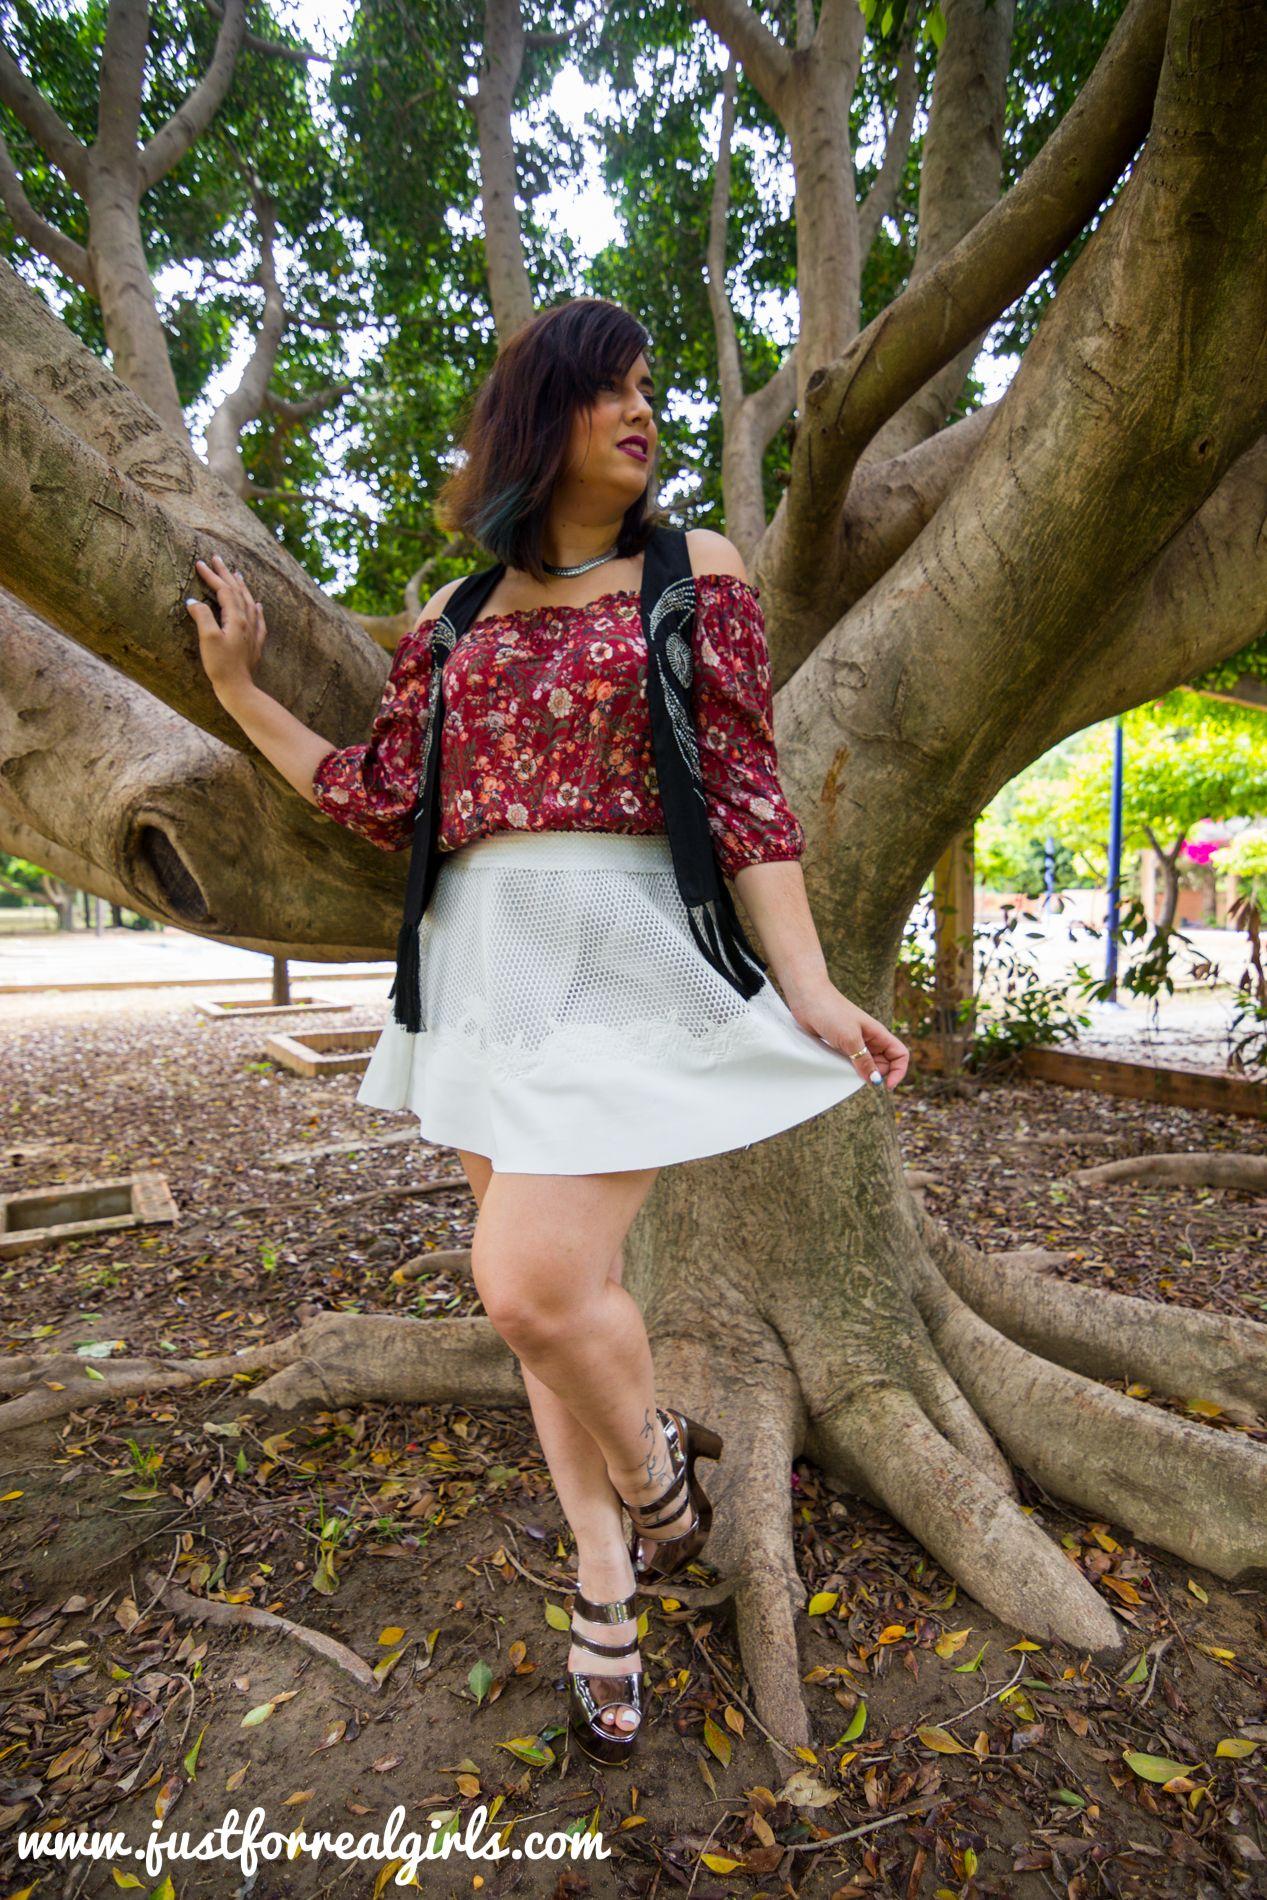 #buenosdías amigos! Está de moda enseñar alguna parte específica del cuerpo! Se lleva enseñar tobillo, abdomen… Pero sobre todo, este verano vamos a ver muchos hombros al aire y clavículas. ¿Queréis ver más? ¡No os perdáis el post de hoy! http://www.justforrealgirls.com/2016/05/hombros-al-aire.html #hombrosalaire #shoulderout #newlook #tdsmoda #justforrealgirls #fashionblogger #bloggerlife #bloggerssevilla #ootd #outfitoftoday